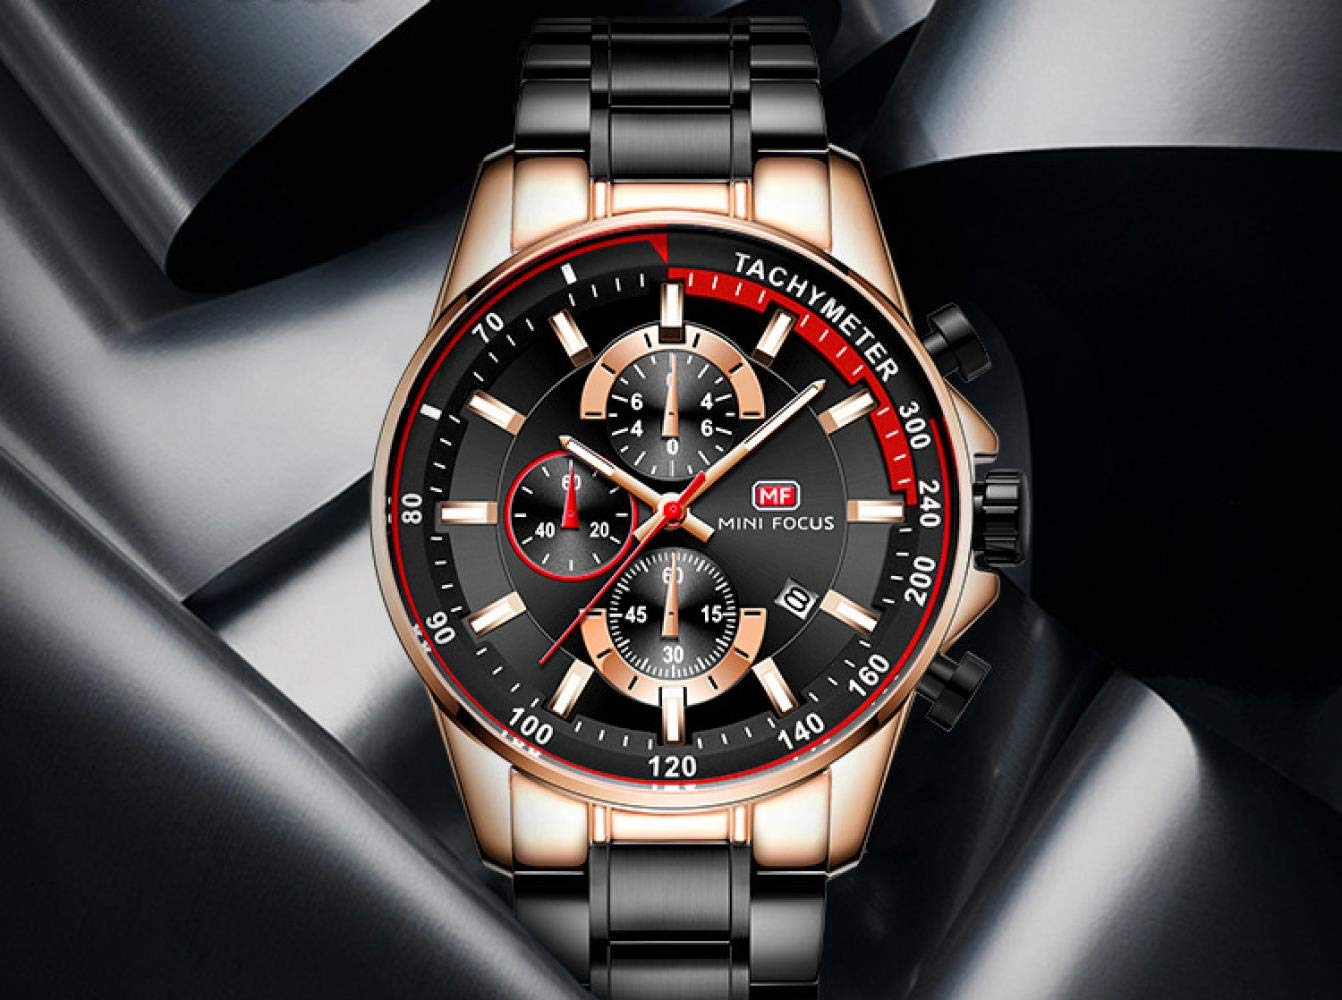 Smartwatches, lysande vattentät kvartsklocka mode stålbälte hastighetsklocka tre ögon timing kalender 03 stålskal svart stålremsa